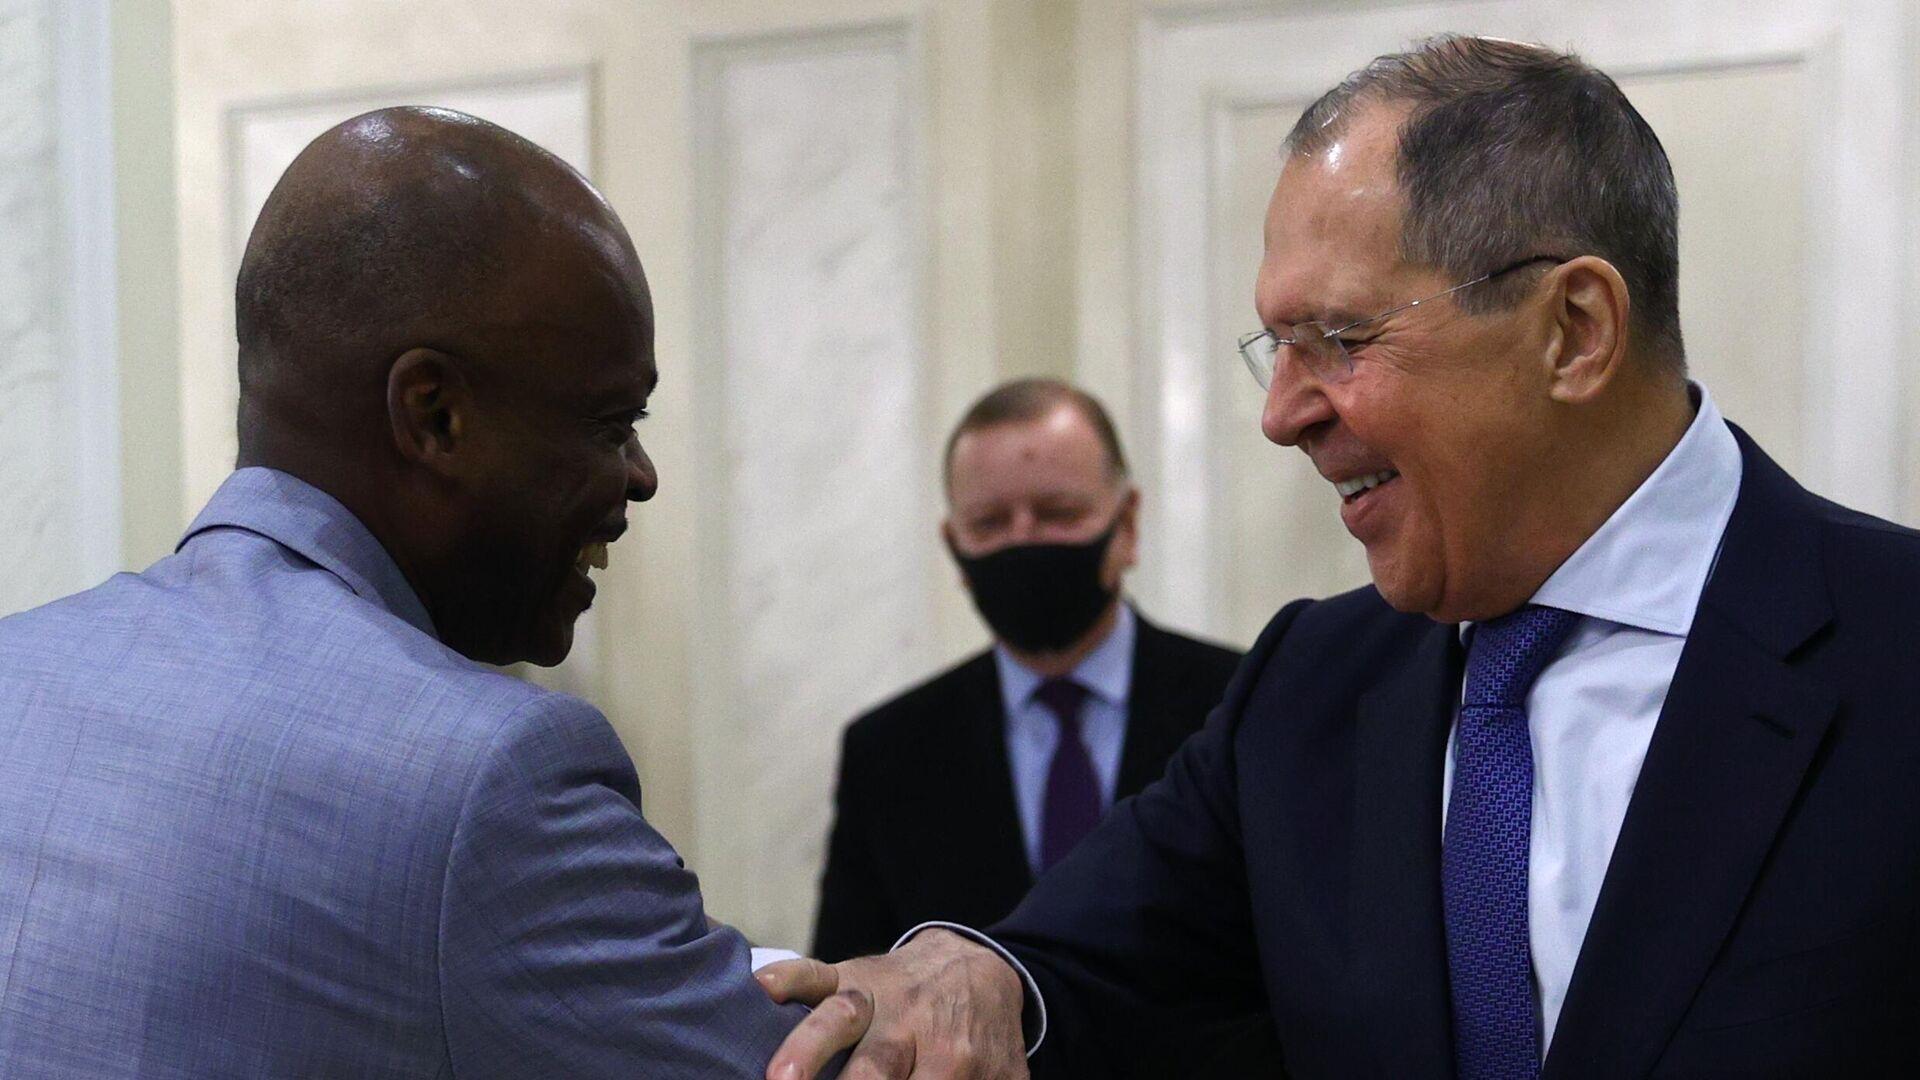 La reunión de los ministros de Exteriores de Rusia y Togo, Serguéi Lavrov y Robert Dussey - Sputnik Mundo, 1920, 16.02.2021